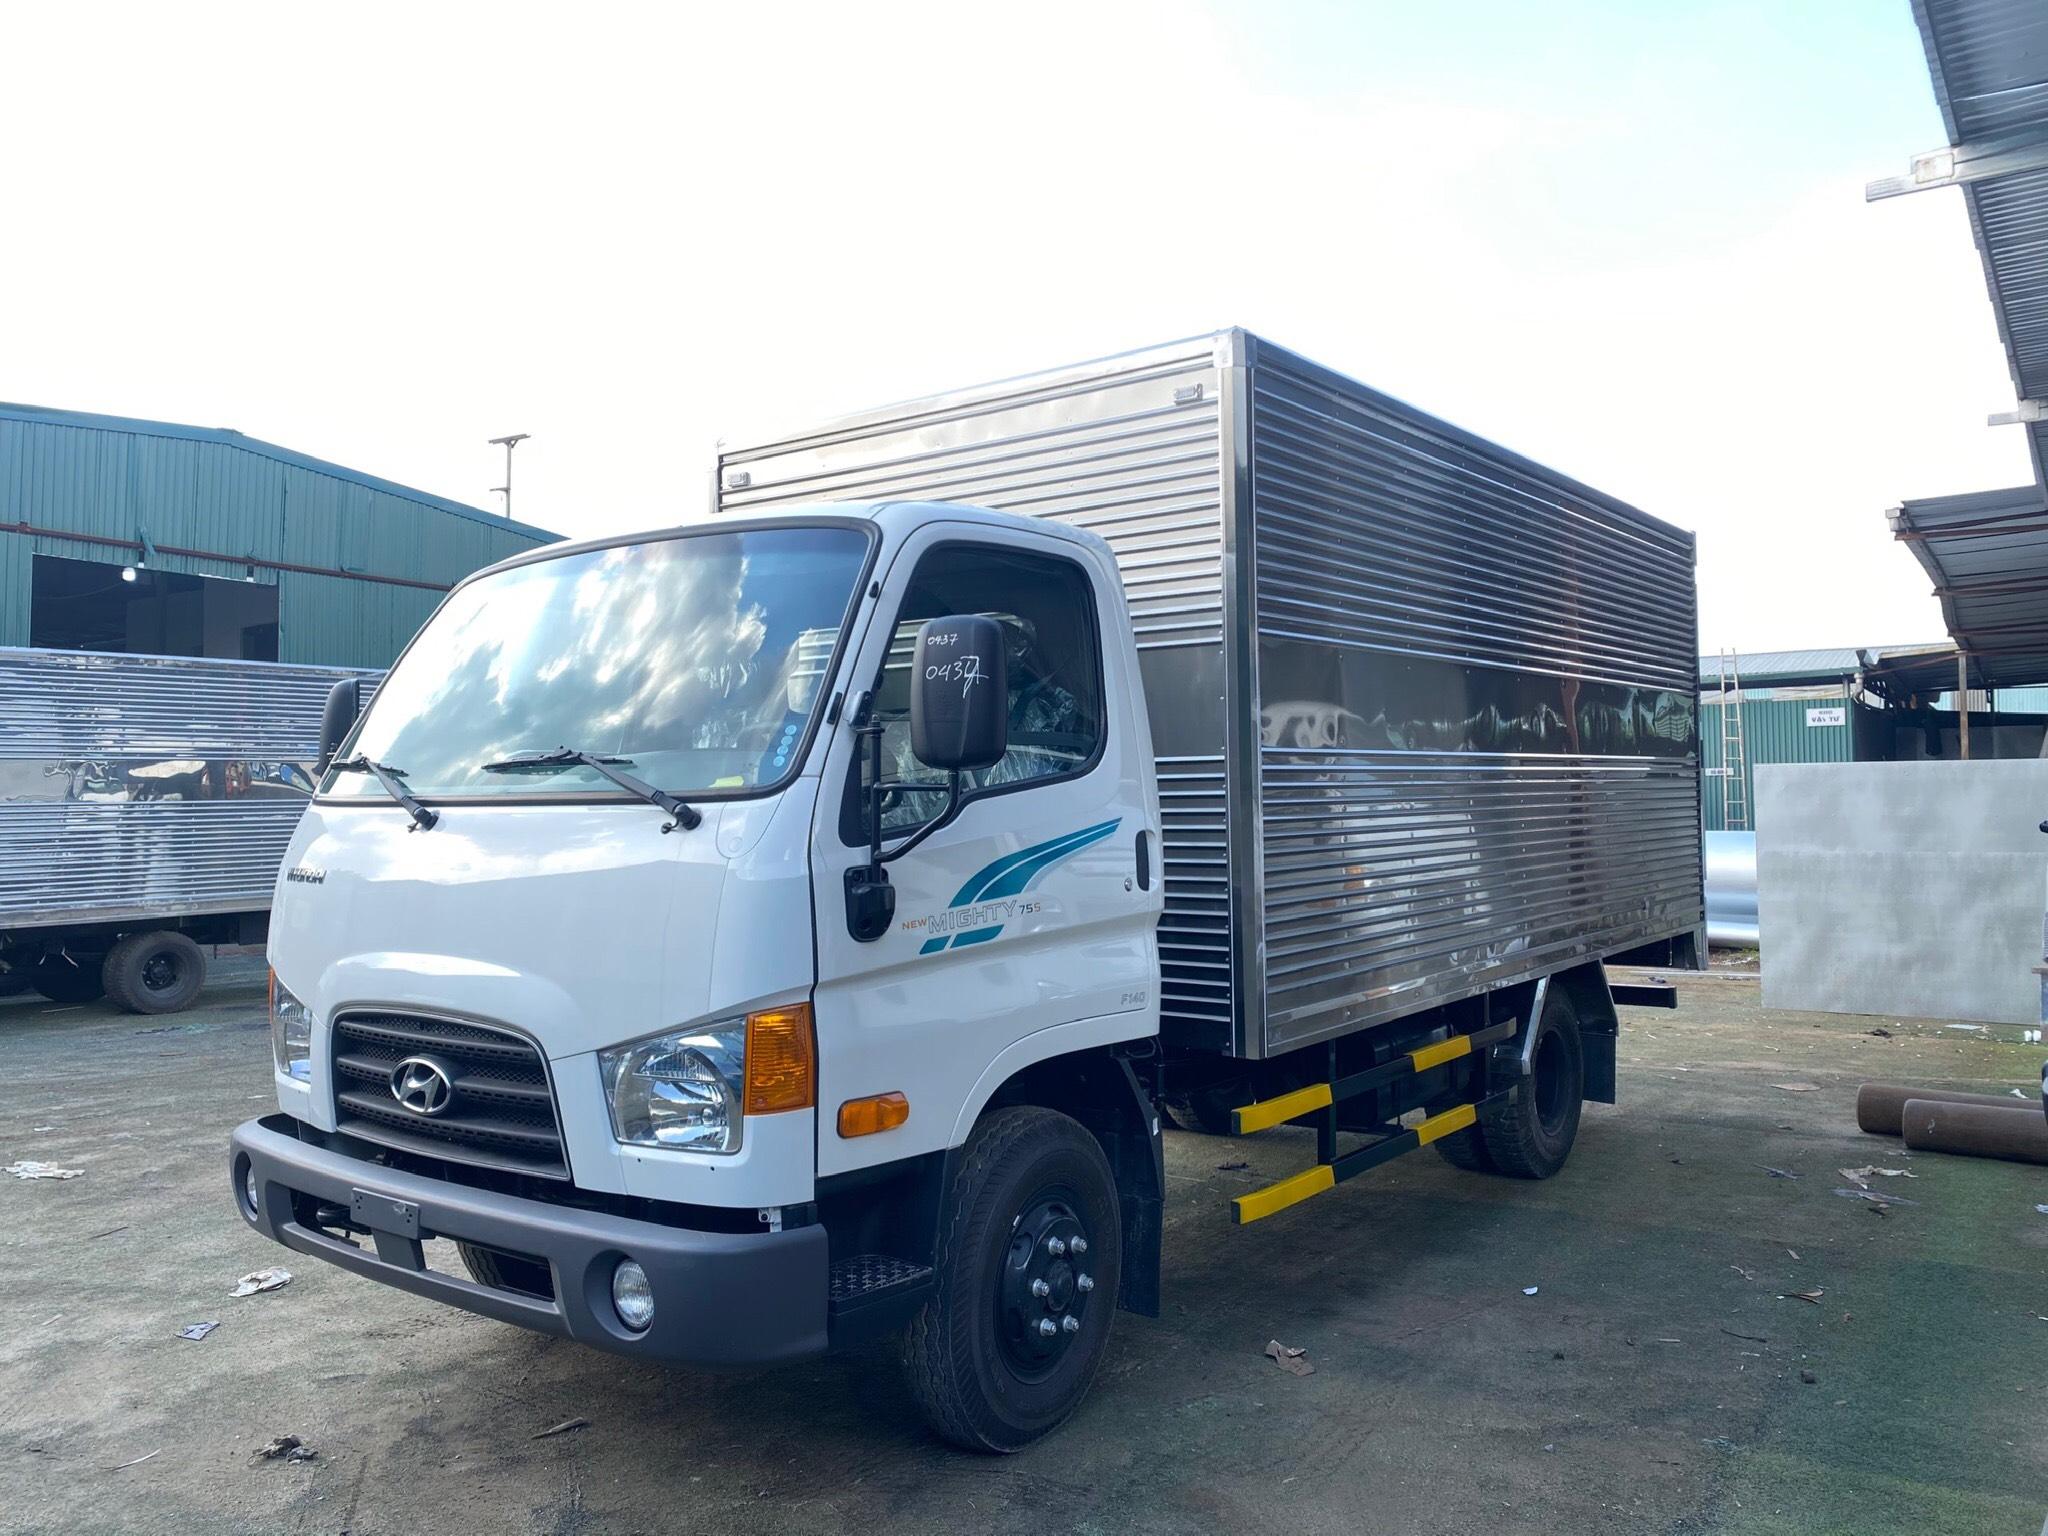 Bán xe tải Hyundai 75s tại Vĩnh Phúc